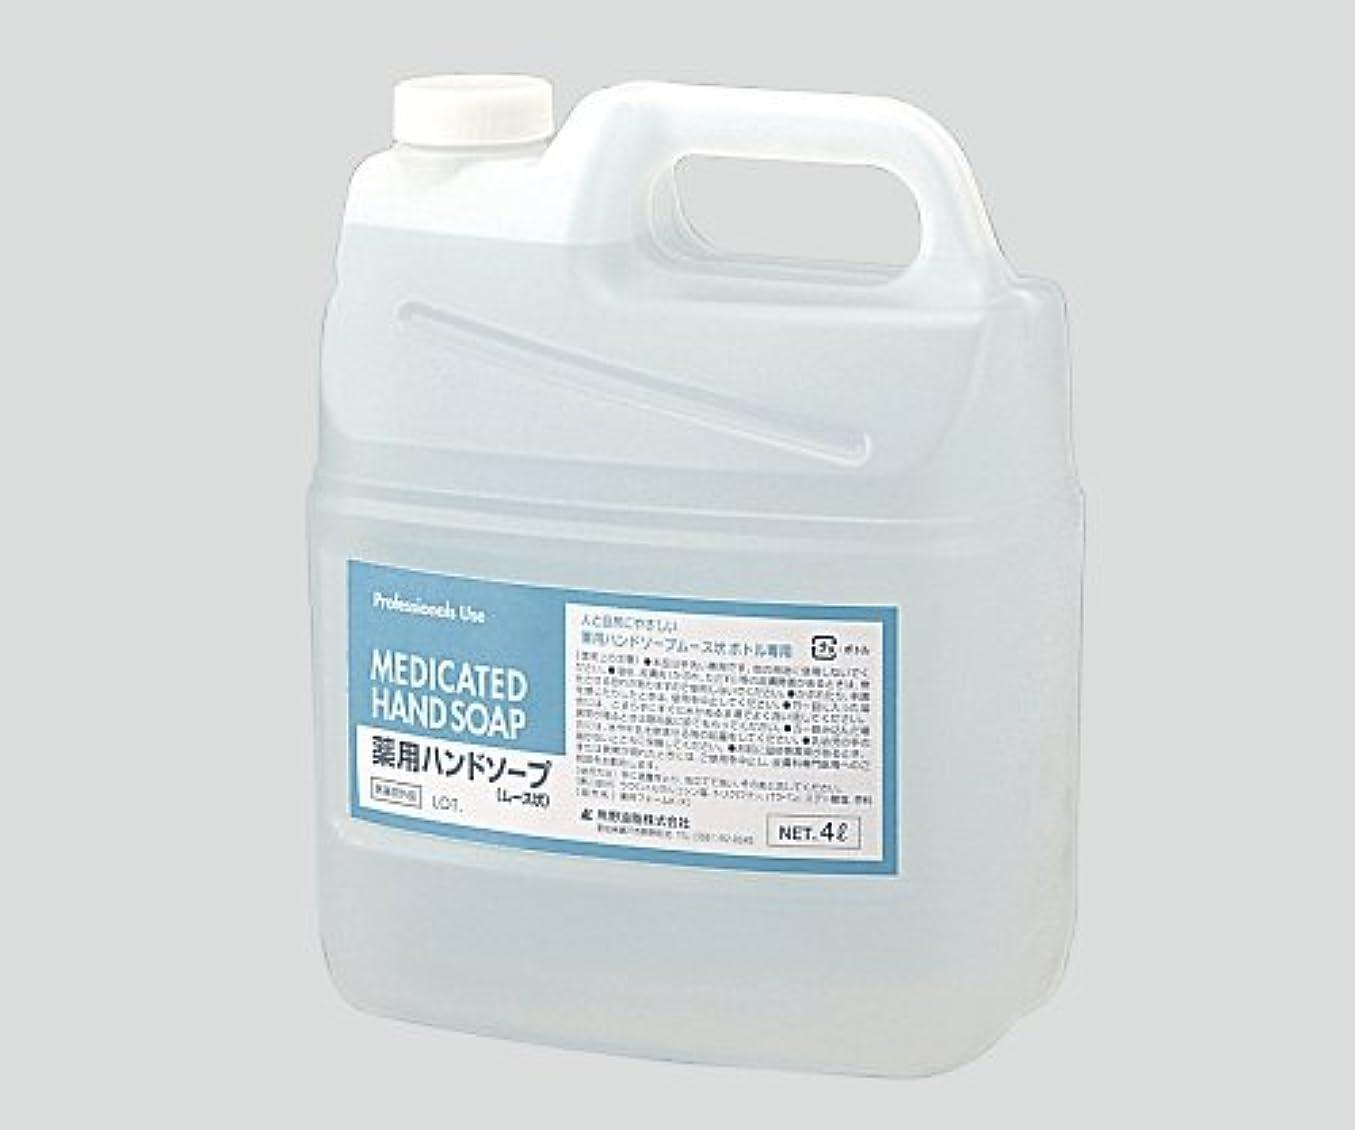 膿瘍チャネル作る8-6279-11セディア薬用ハンドソープ(泡タイプ)4L